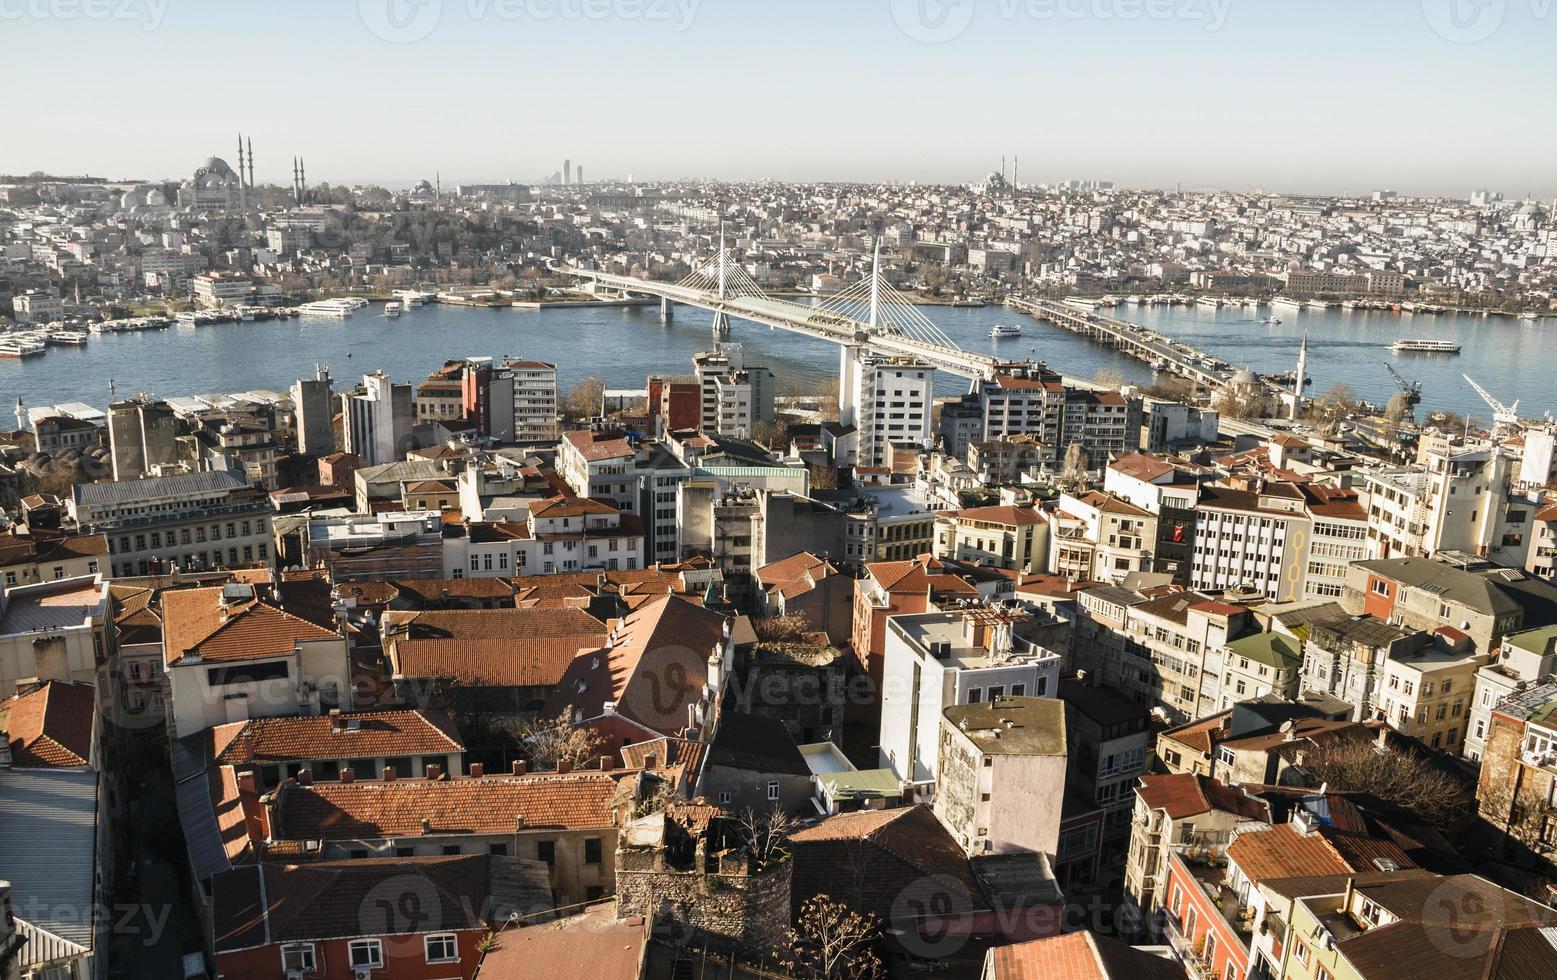 Stadsutsikt. istanbul panorama. foto